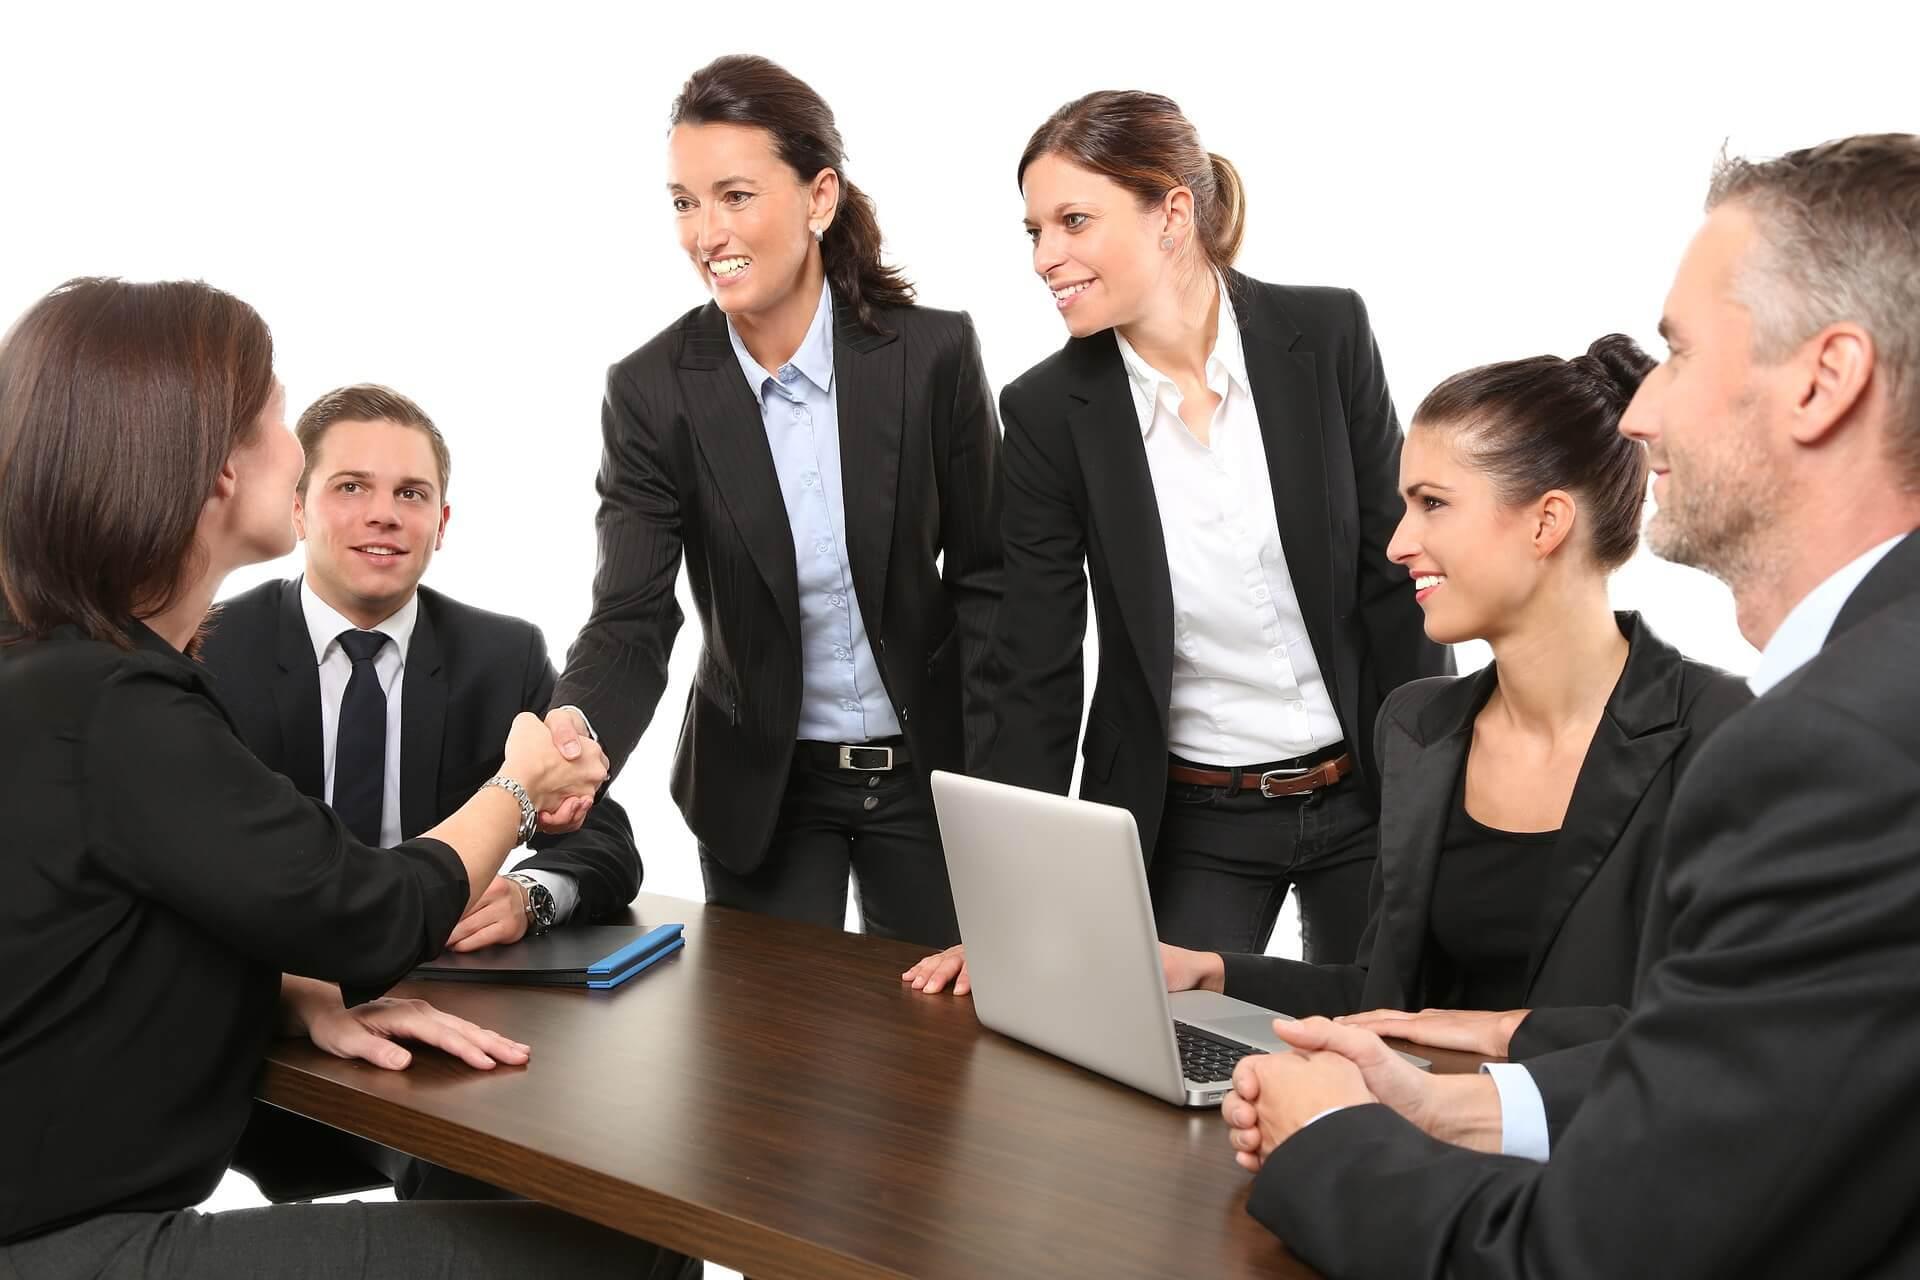 Вебинар: Использование речевых навыков для презентации своего бизнеса и личной компетентности